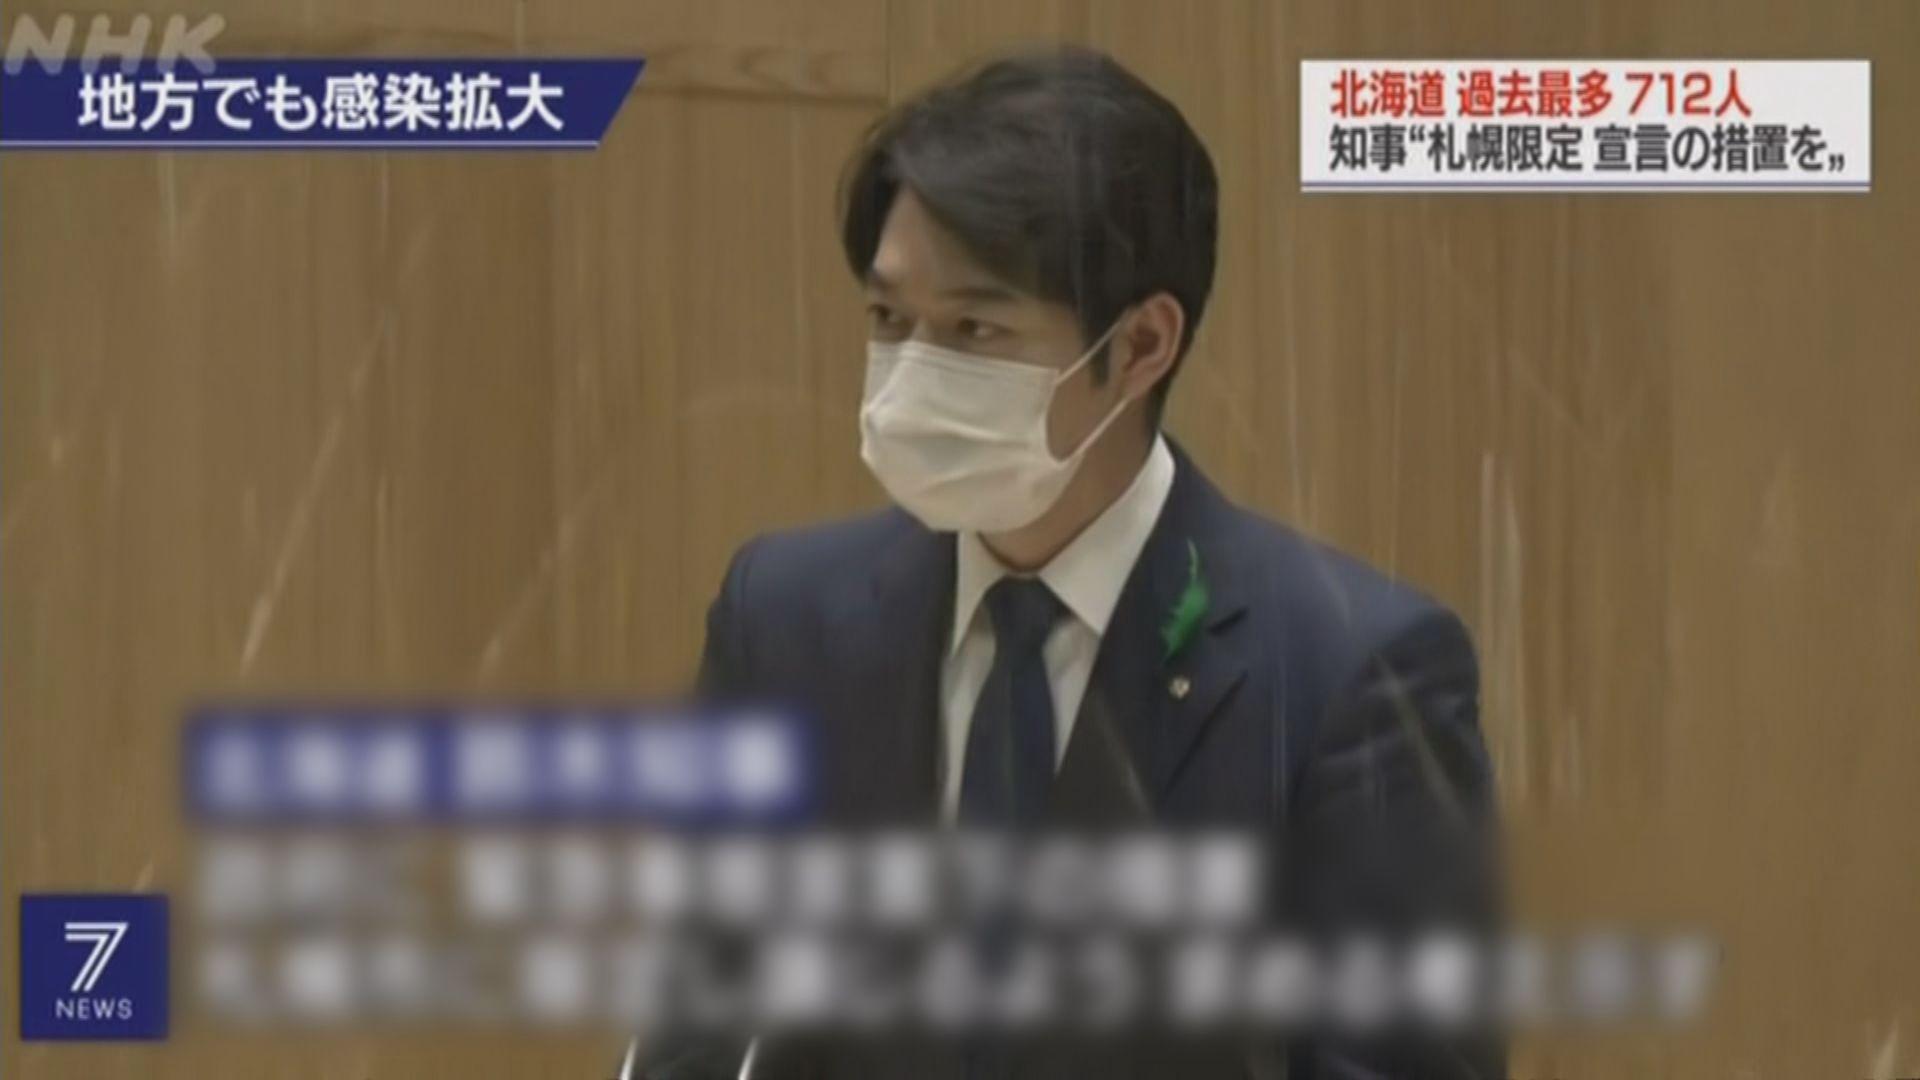 北海道擬要求中央對札幌市頒布緊急事態宣言